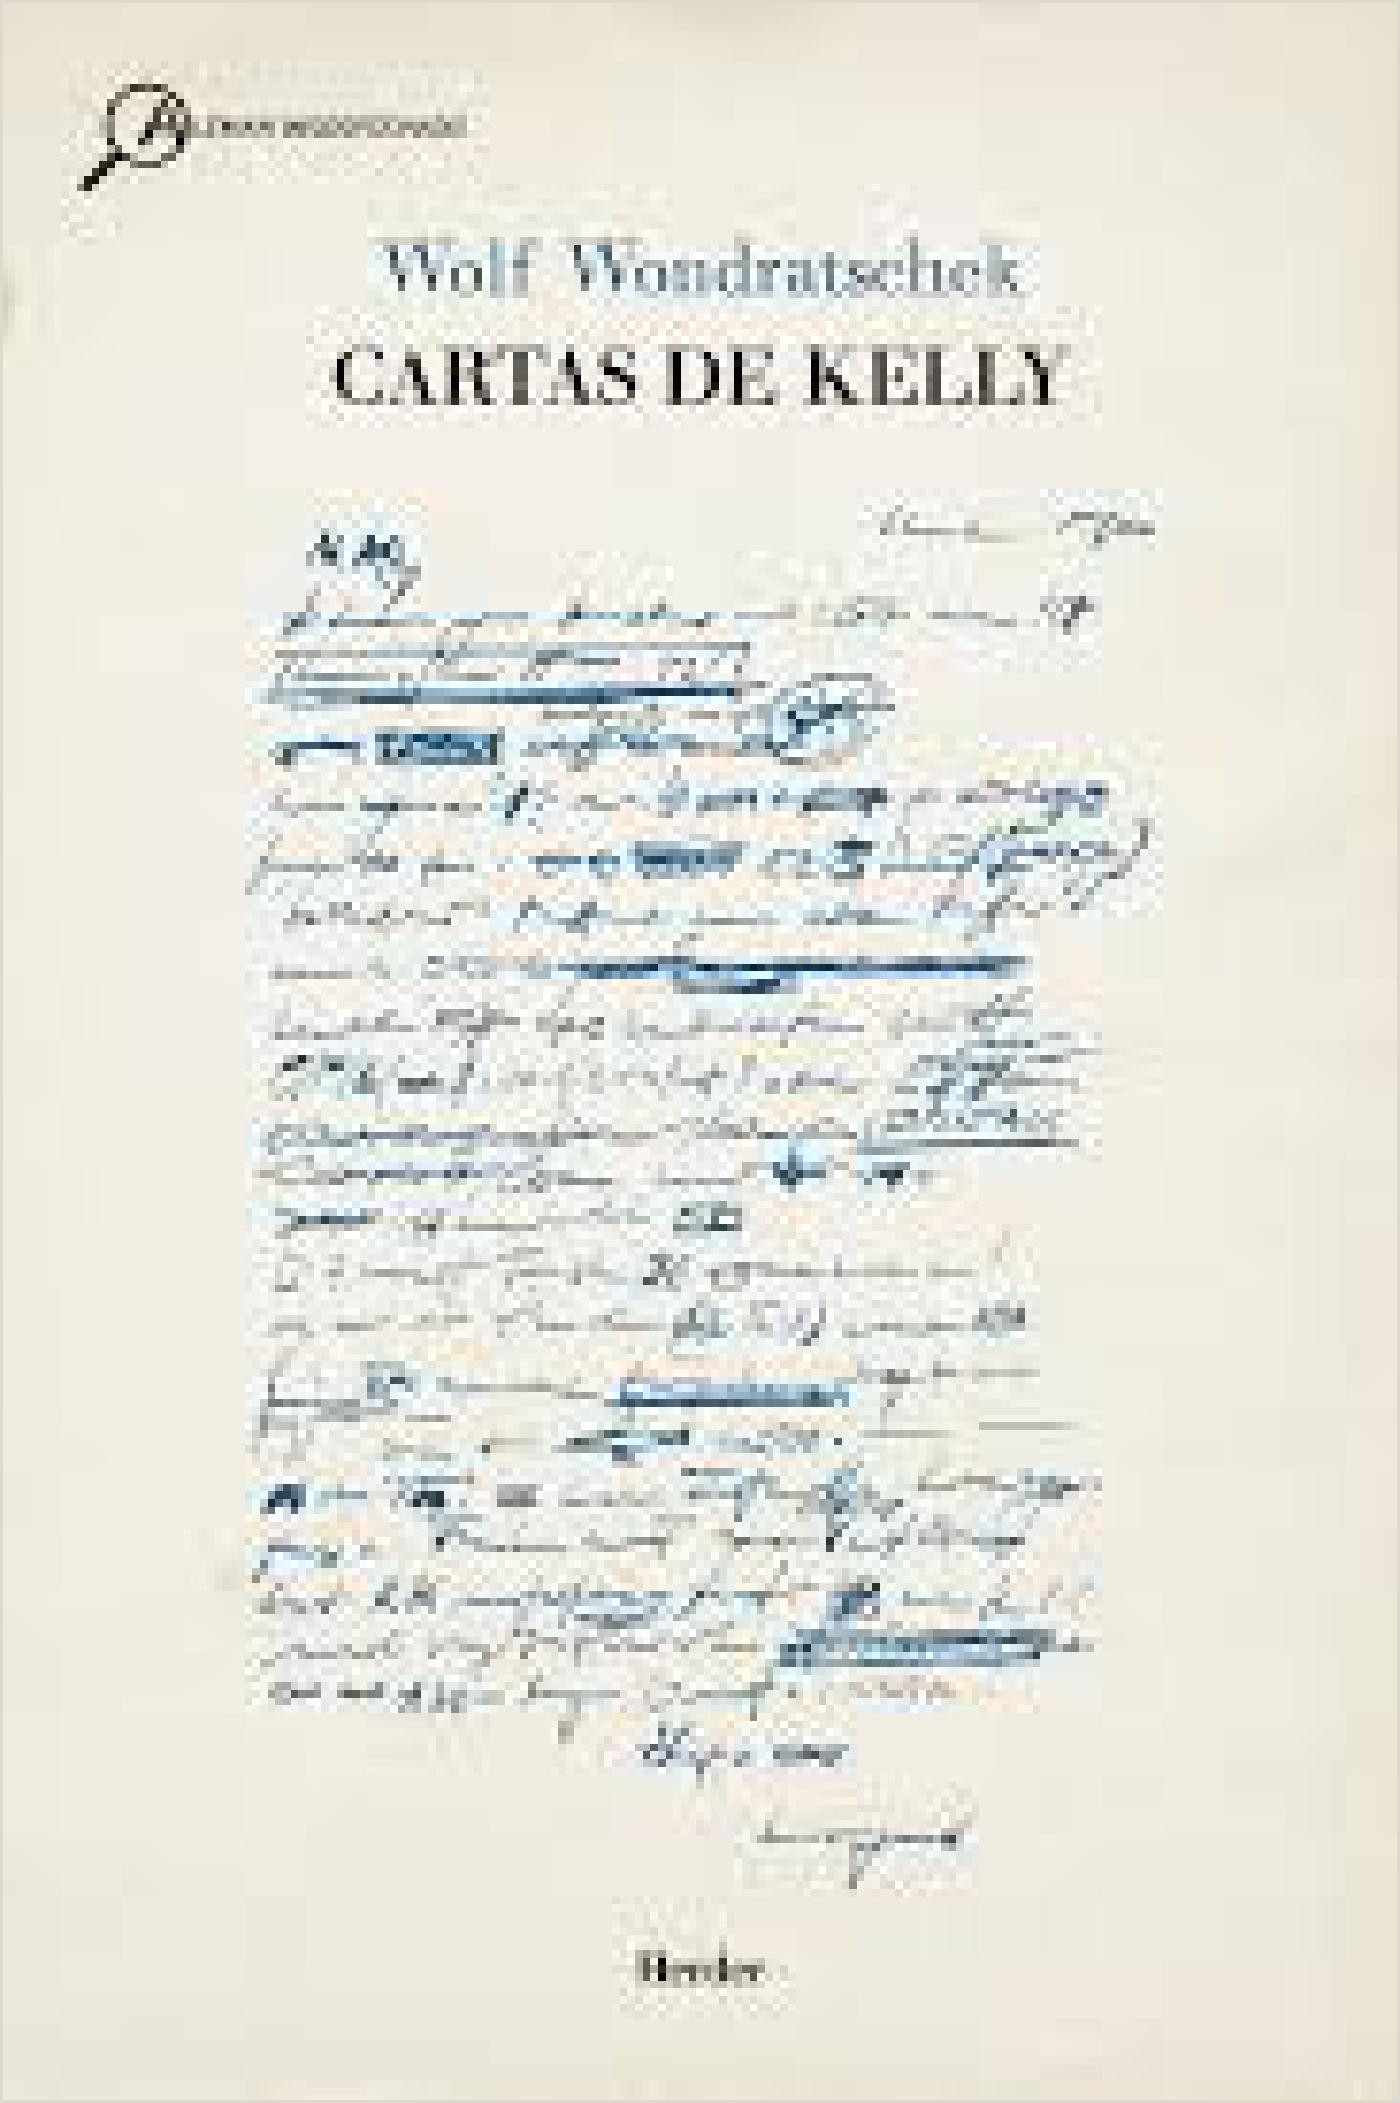 Formato Unico De Hoja De Vida Google Cartas De Kelly Herder Editorial